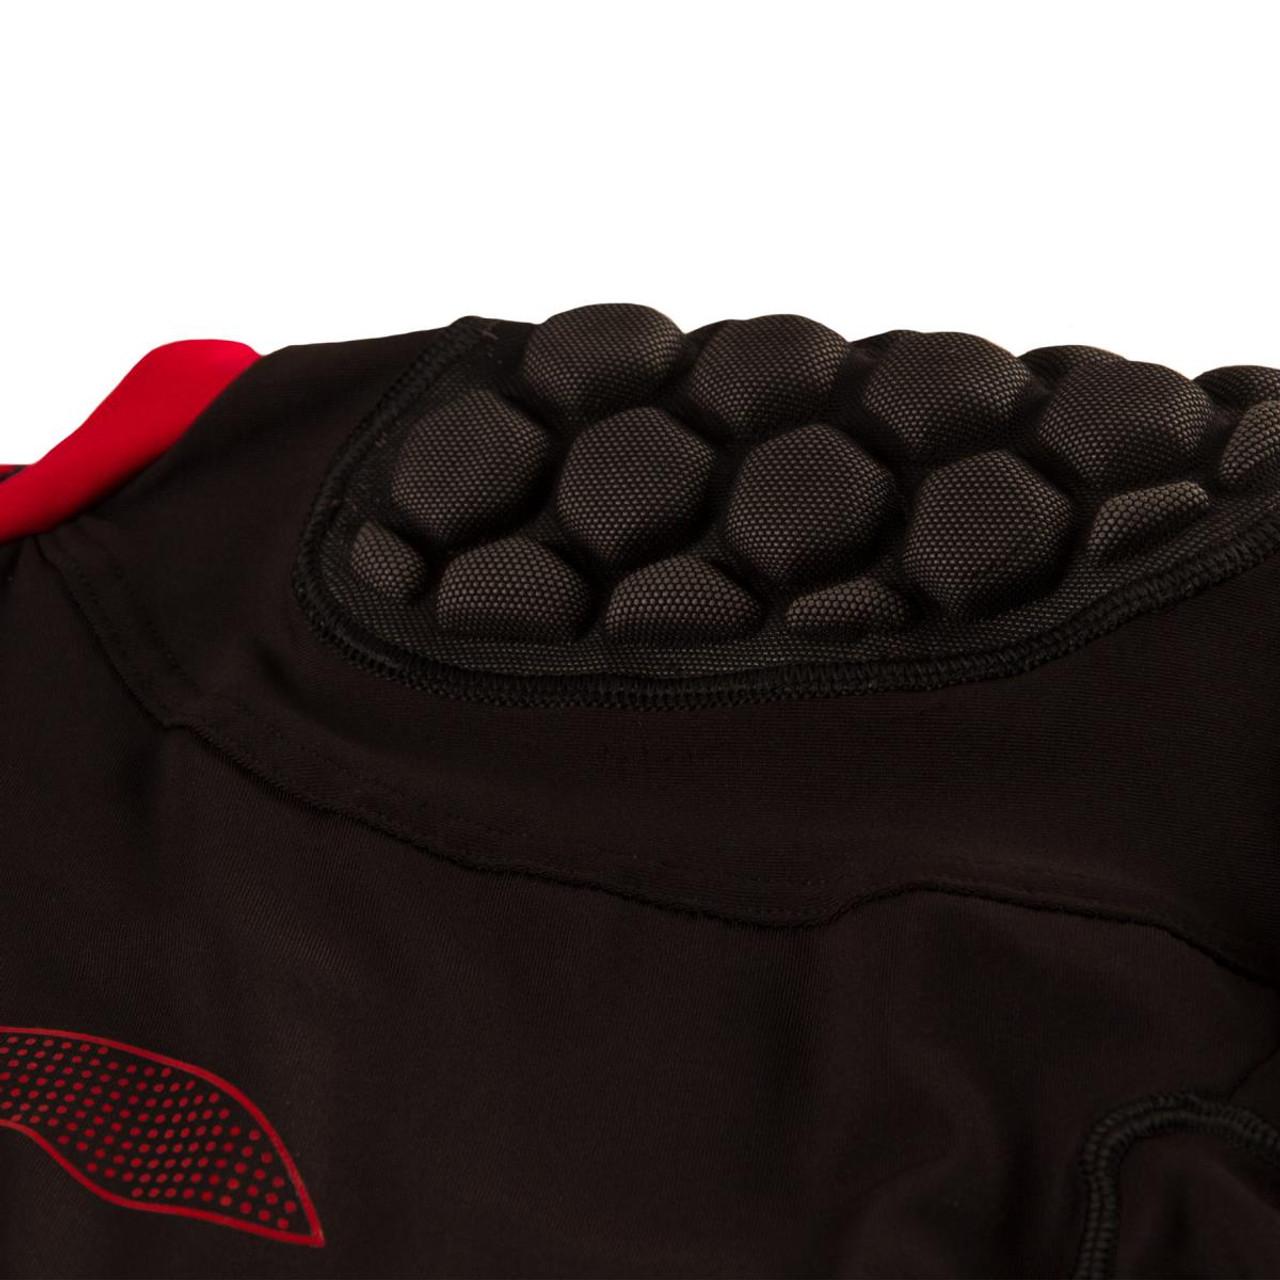 Cellular foam padding in the shoulder.